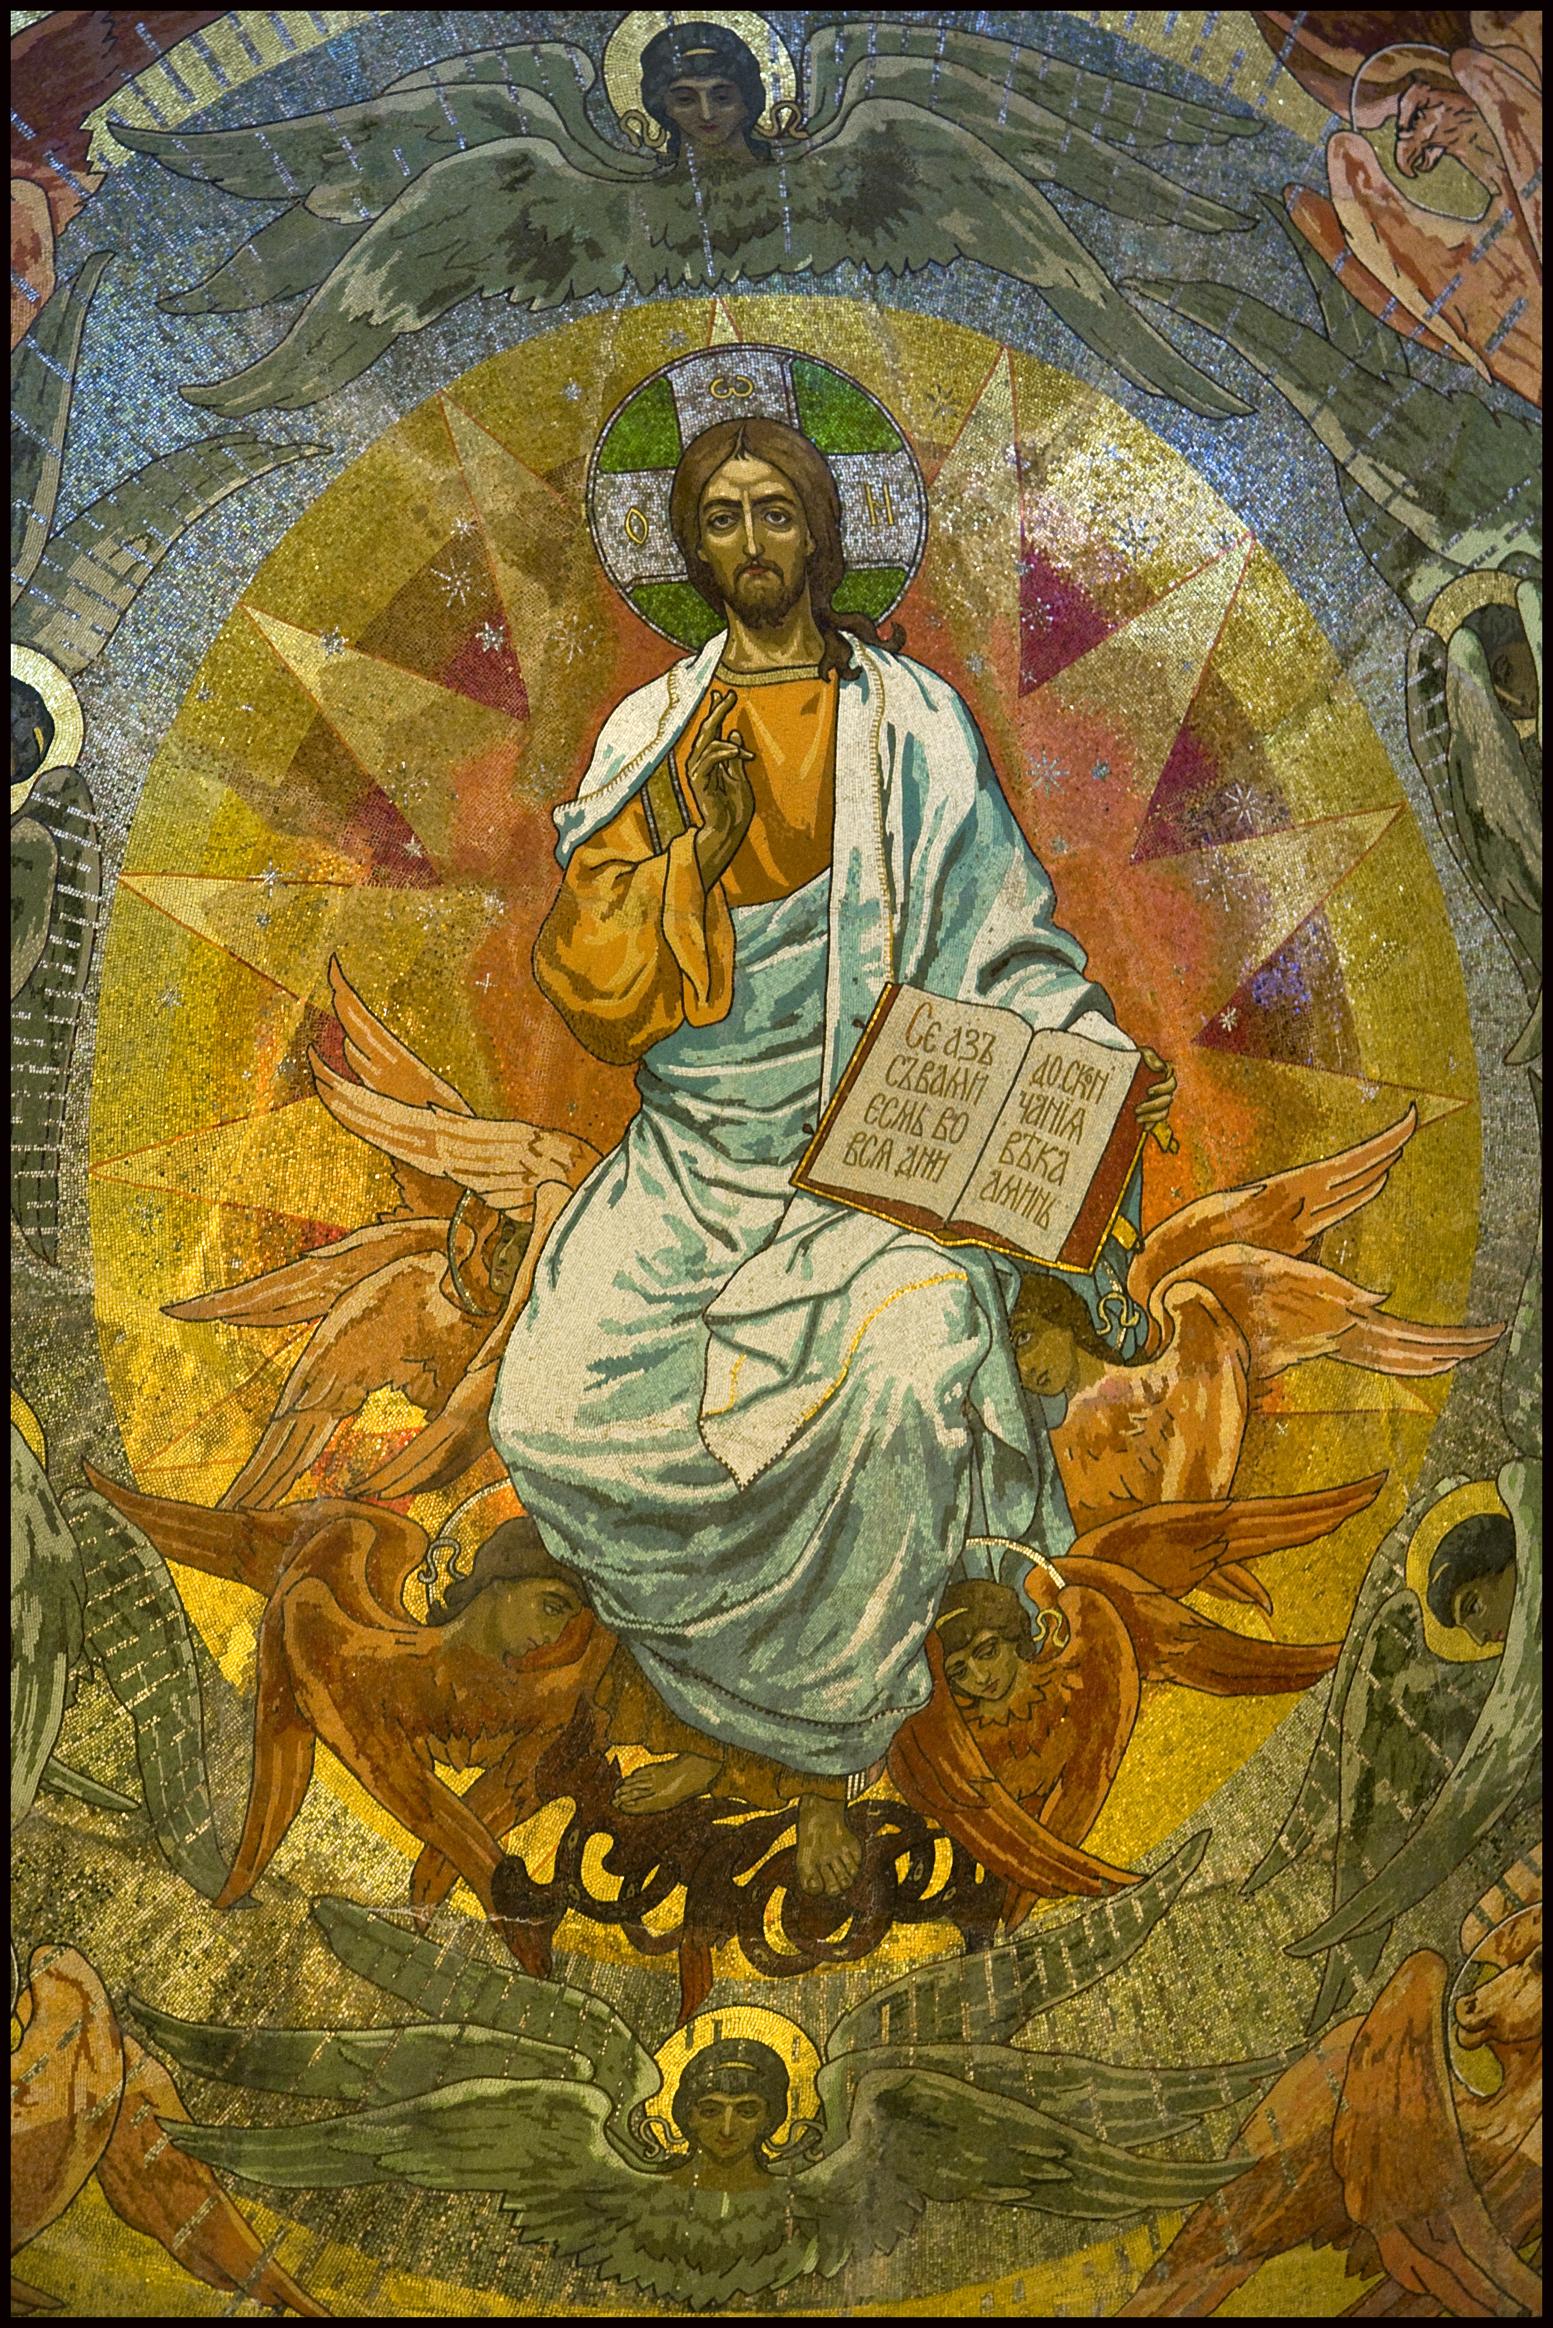 ... Воскресения Христова (Спас-на-Крови: spas.spb.ru/?p=464